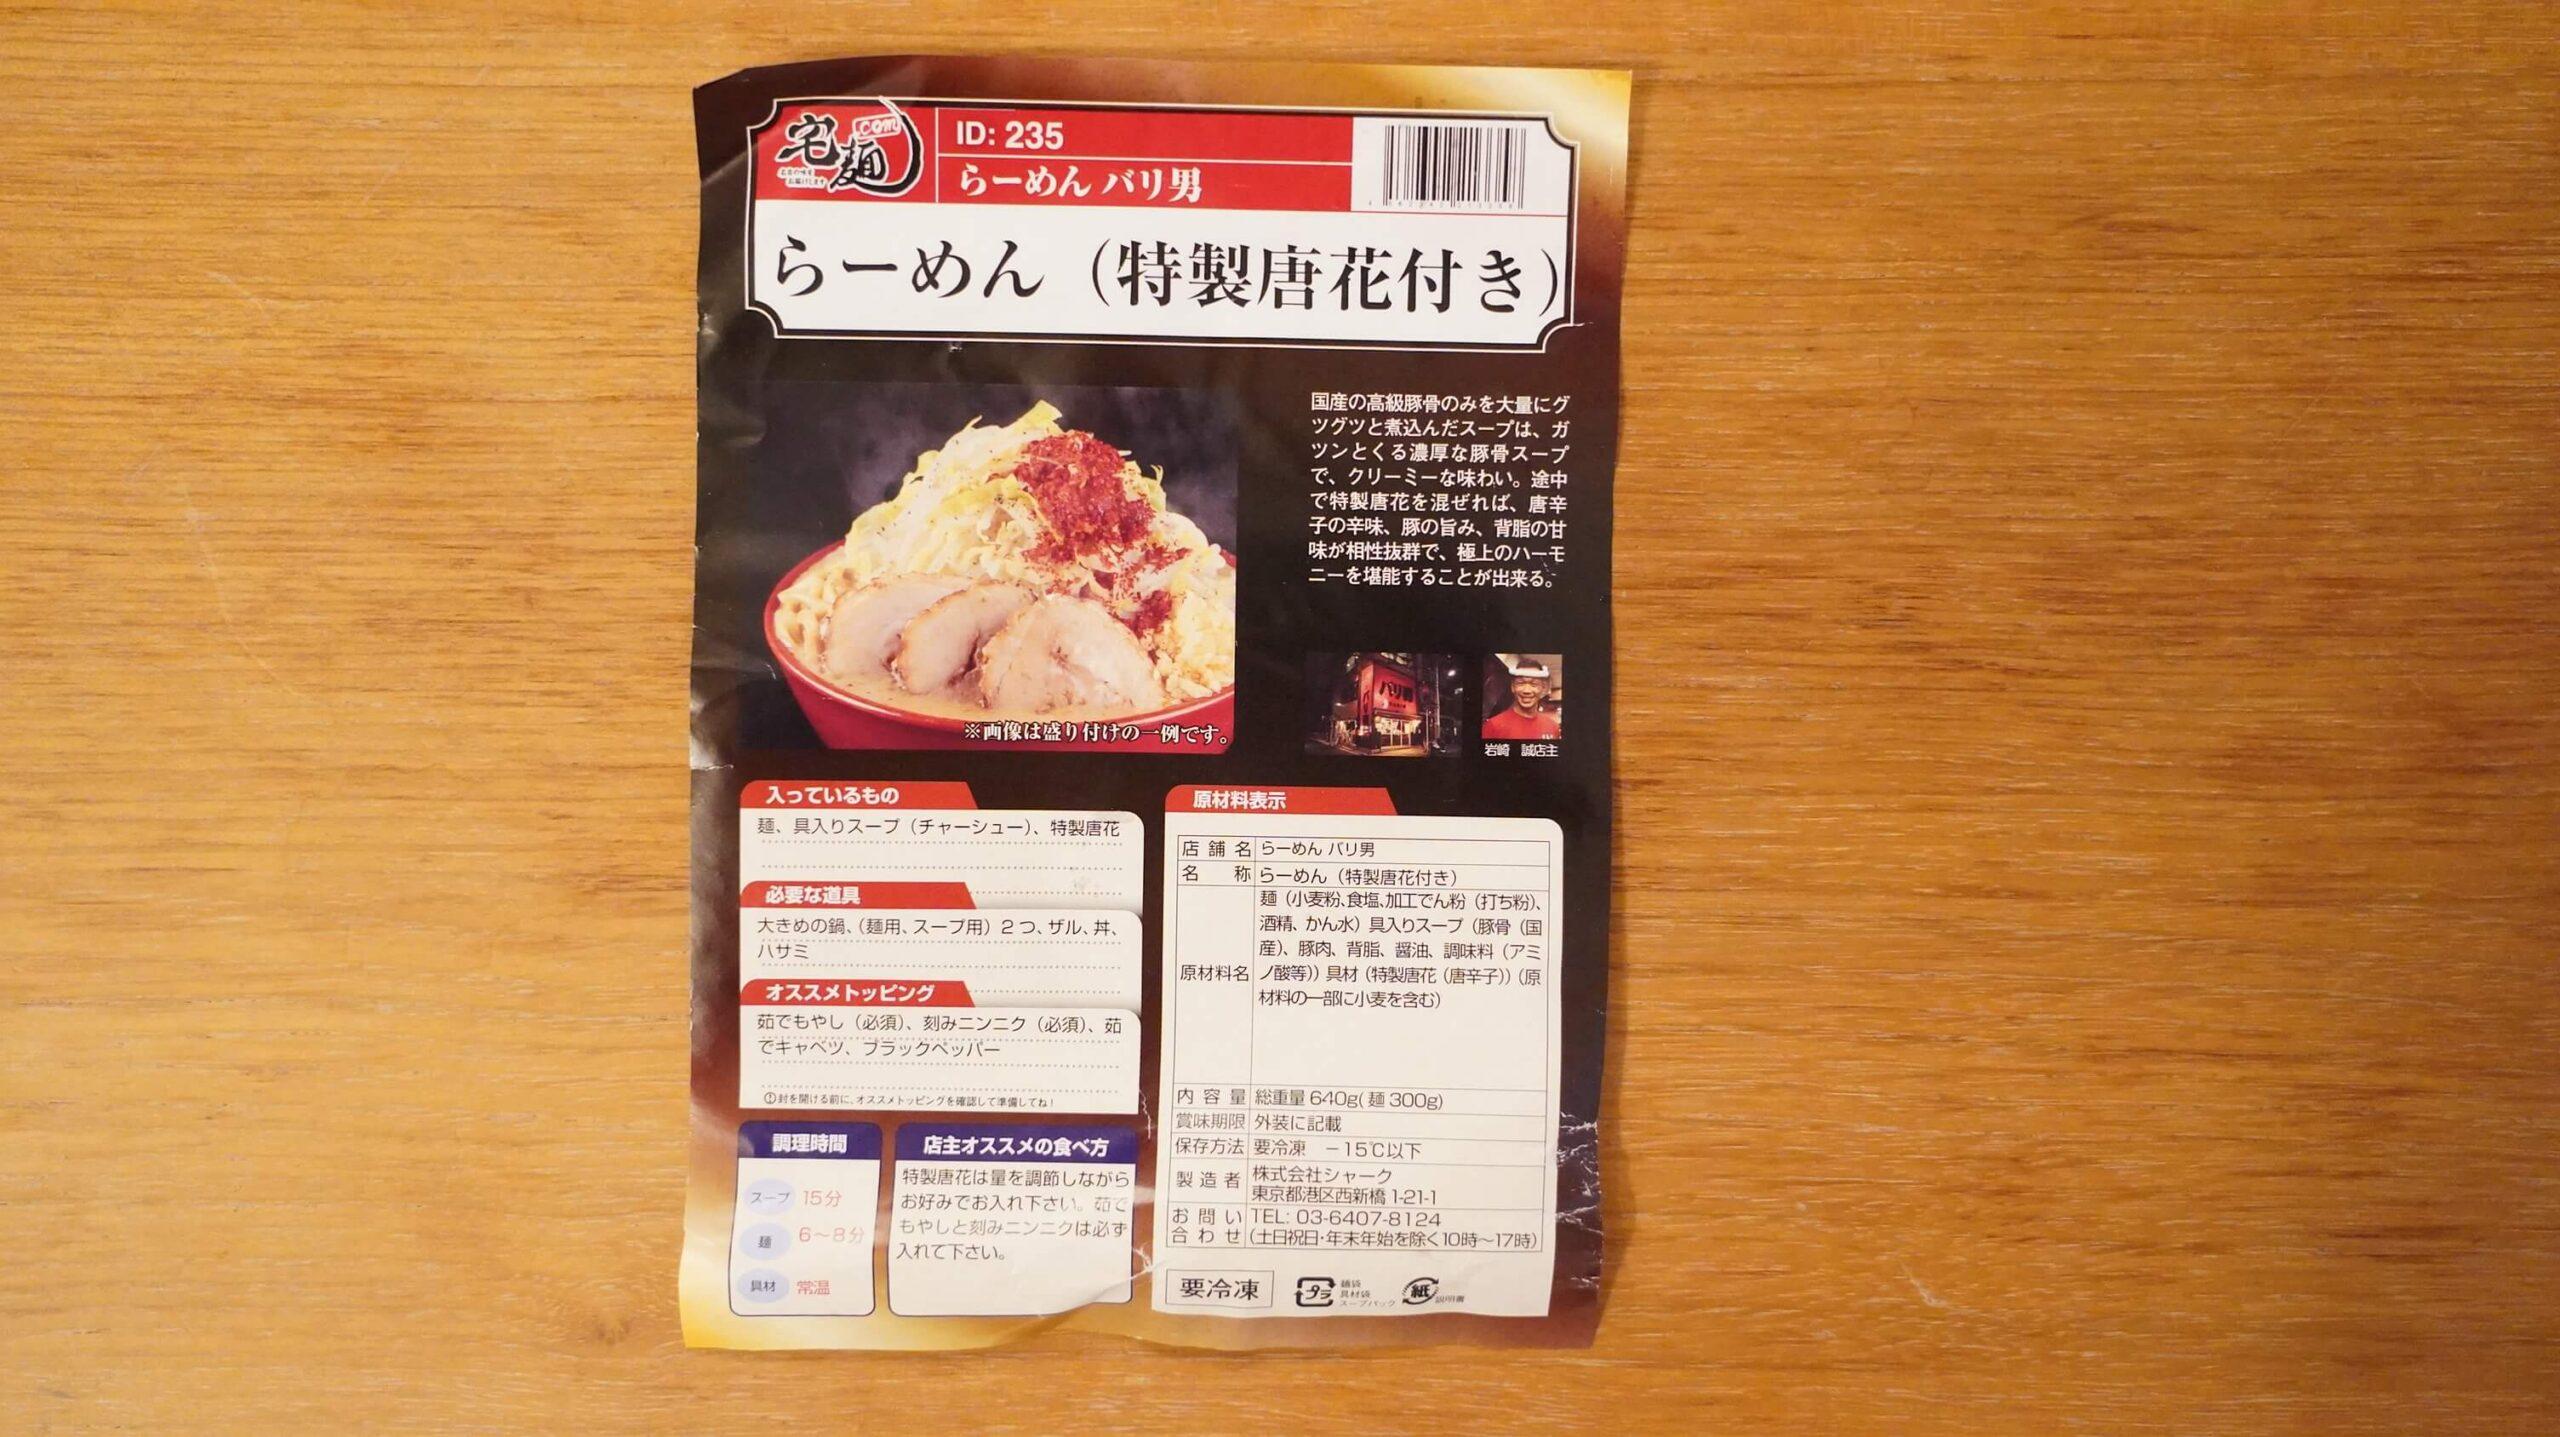 通販でお取り寄せした「バリ男」のラーメンのパンフレットの写真